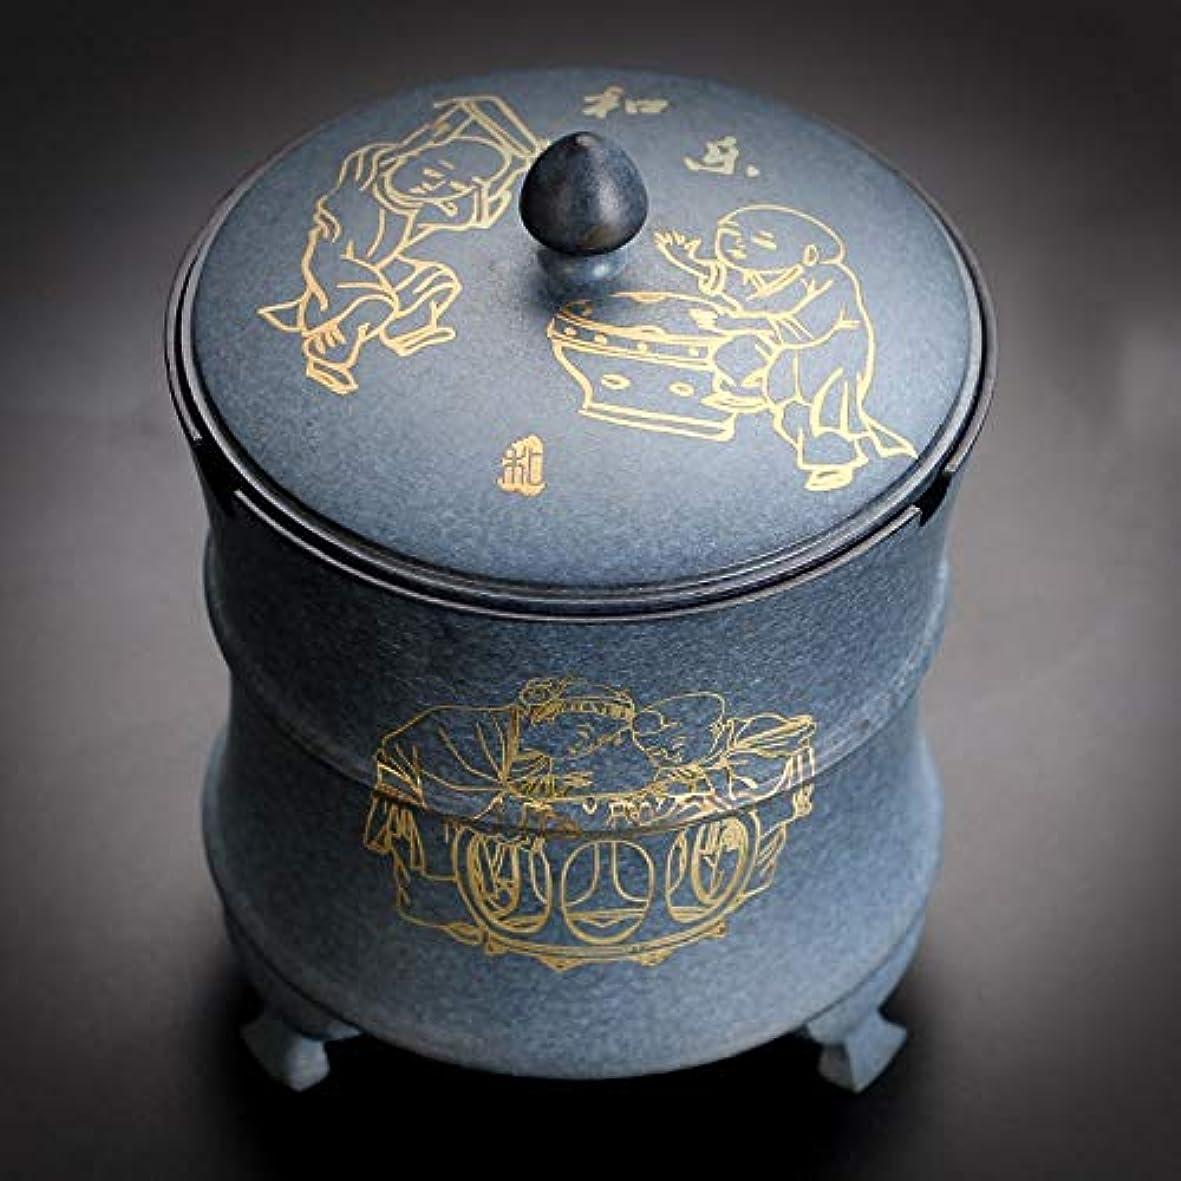 コイン偏差ロンドン純銅灰皿銅工芸品居間研究室装飾アンティーク灰皿装飾品